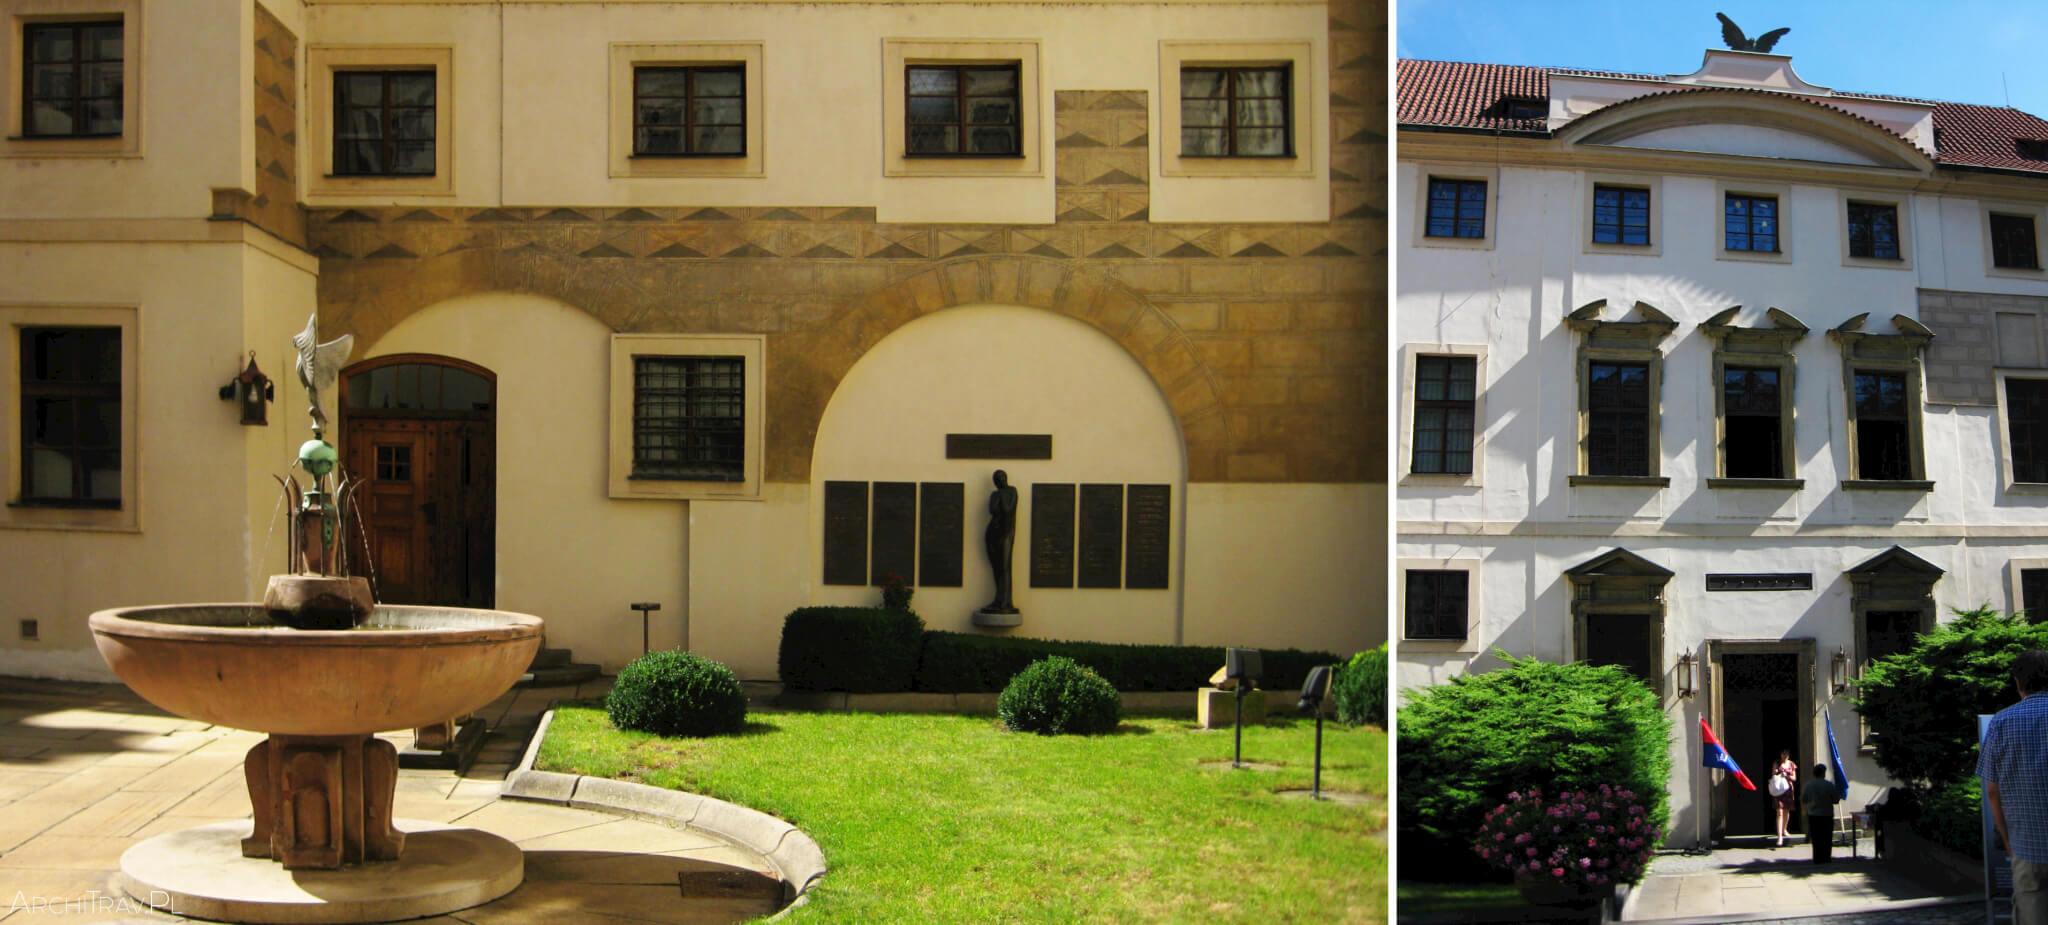 Michnuv palac Praha 2